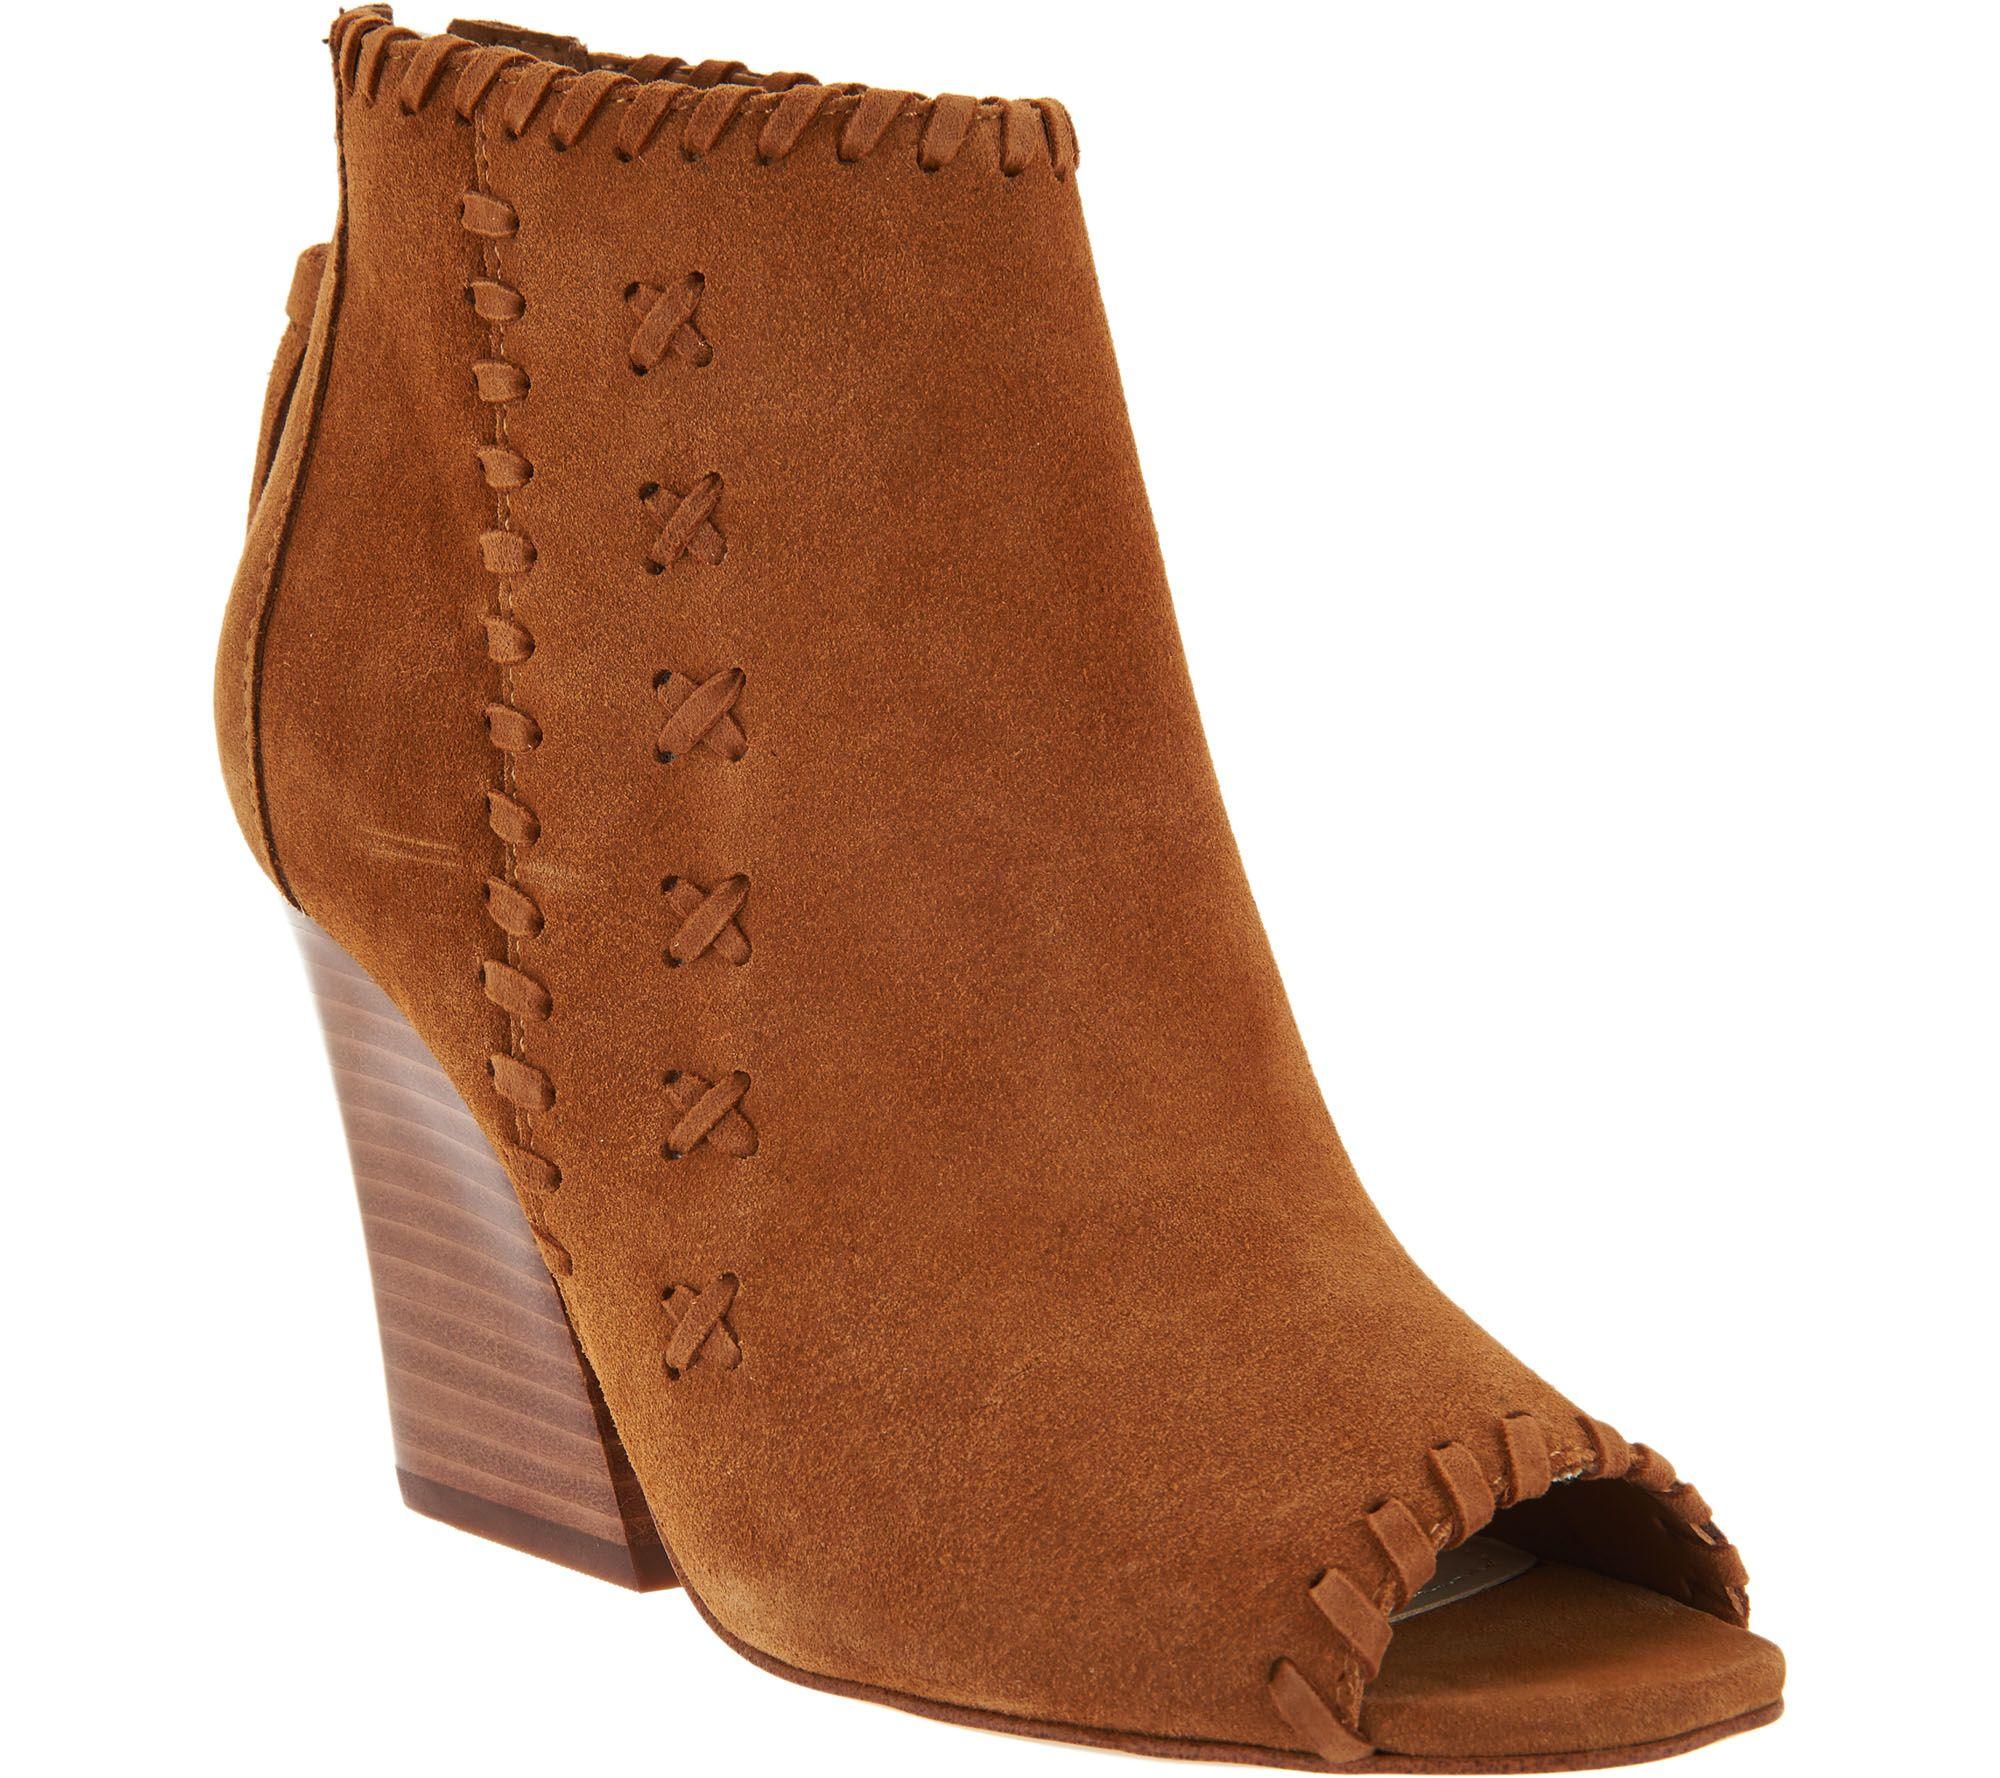 Boot Boutique — Women's Boots & Fashion Boots — QVC.com